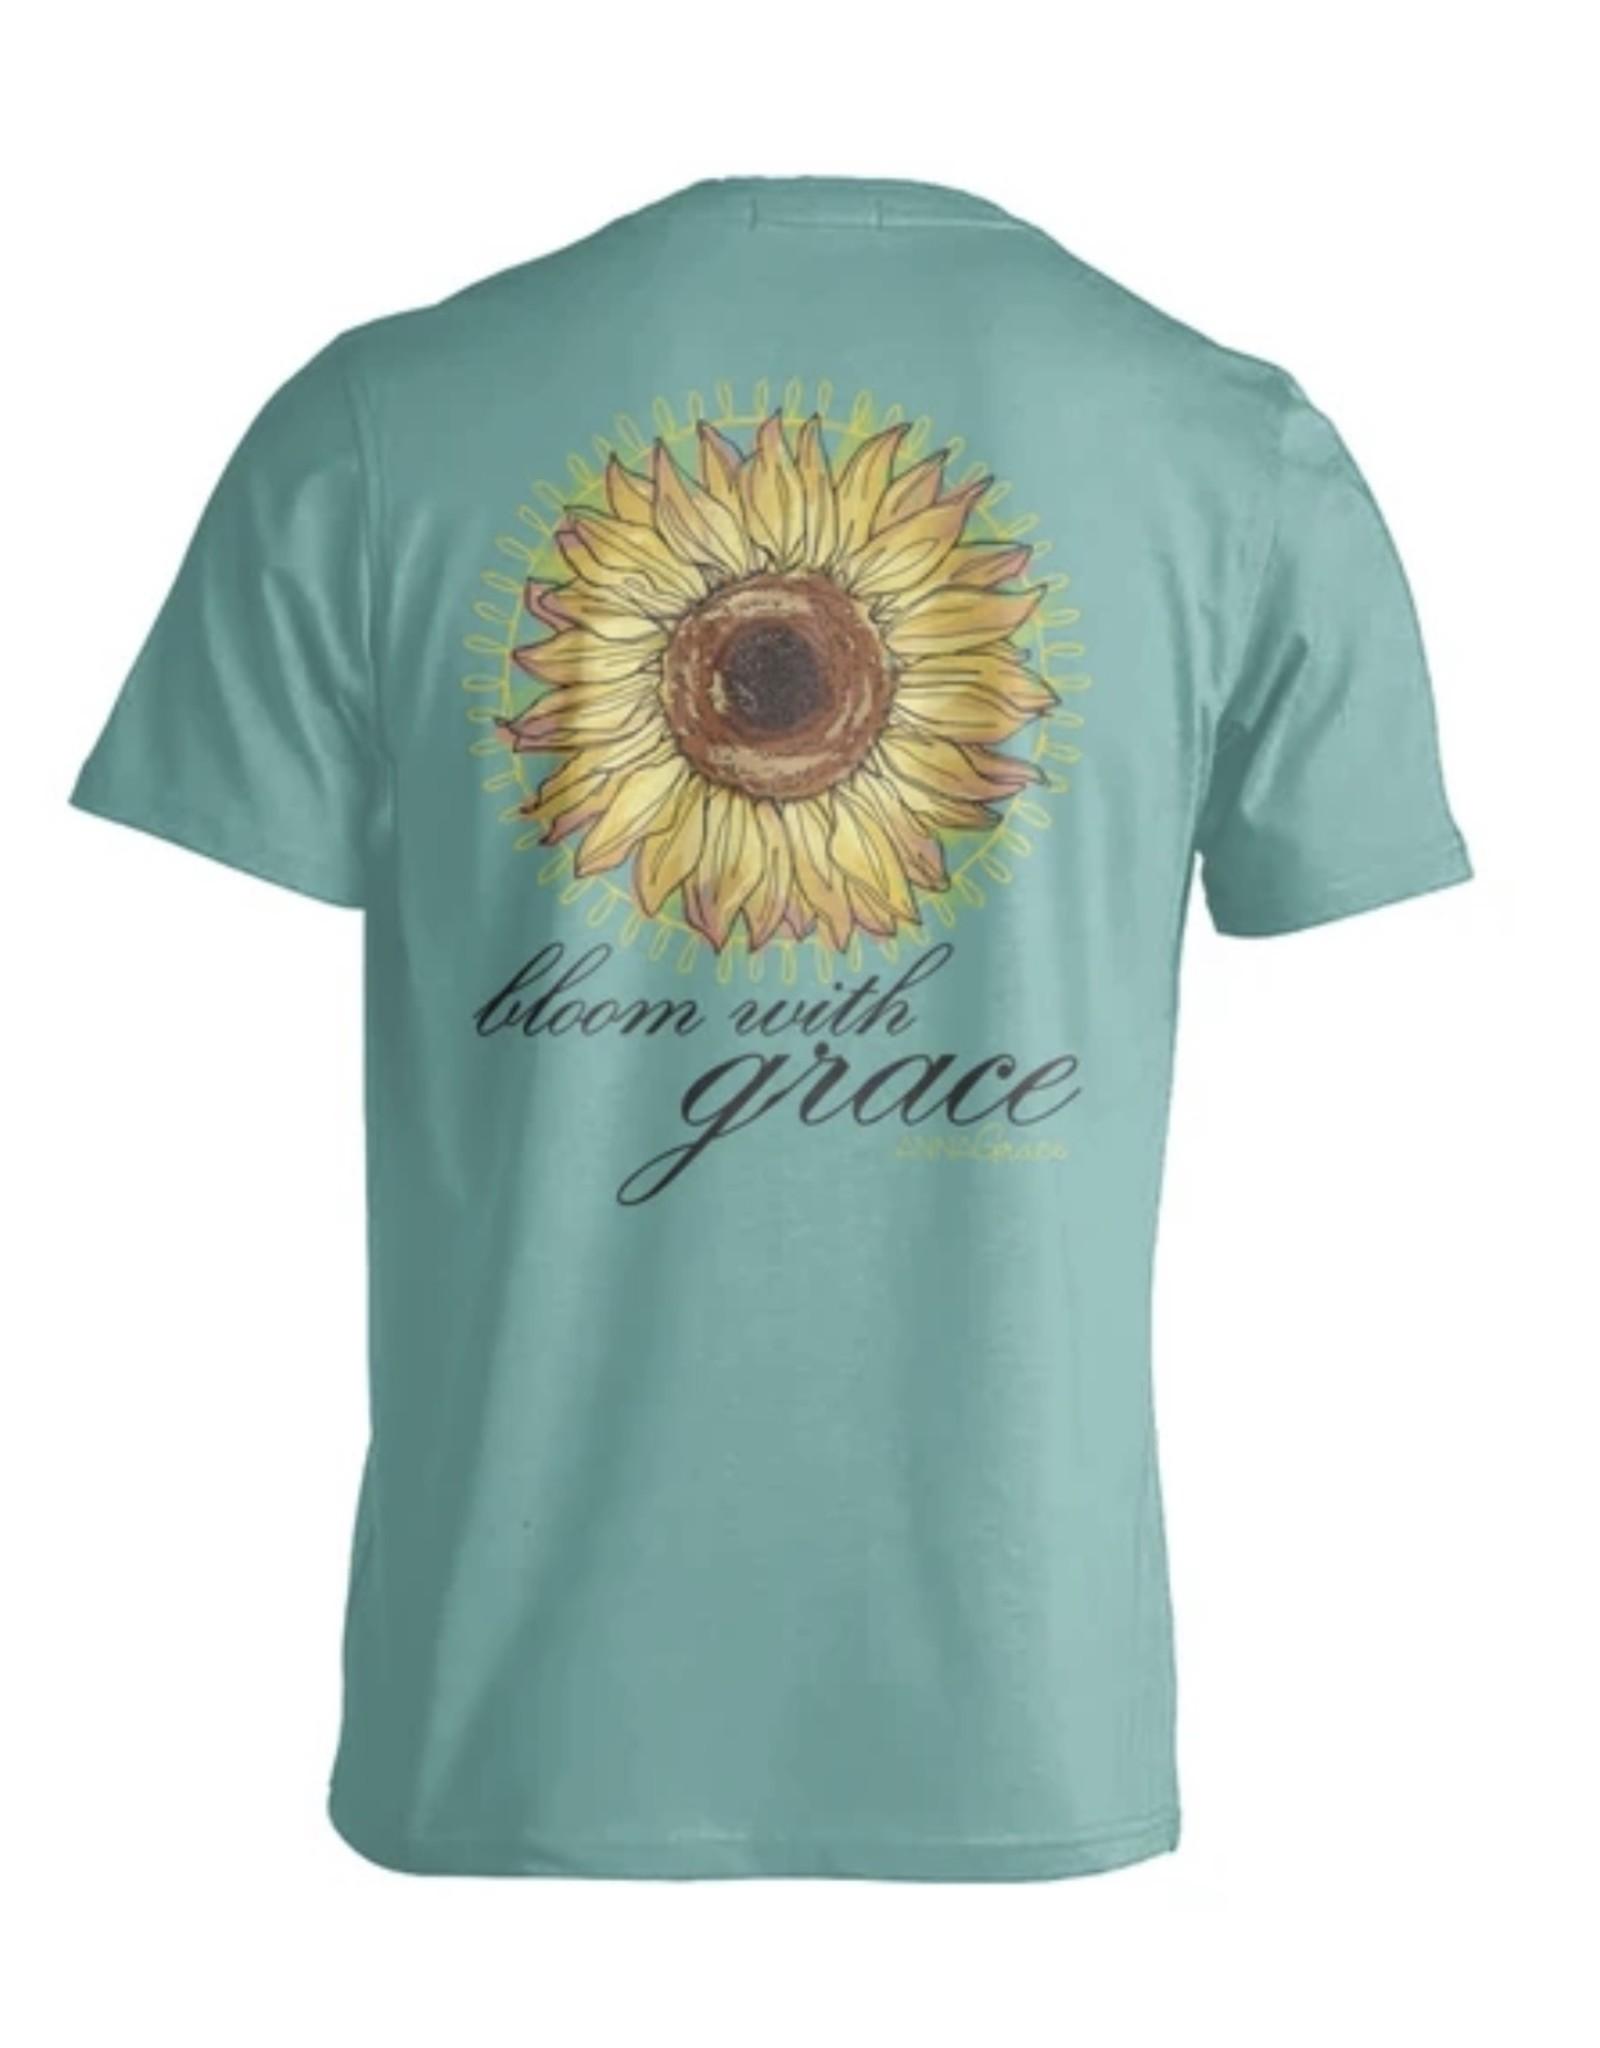 AG S/S TEE- Sunflower